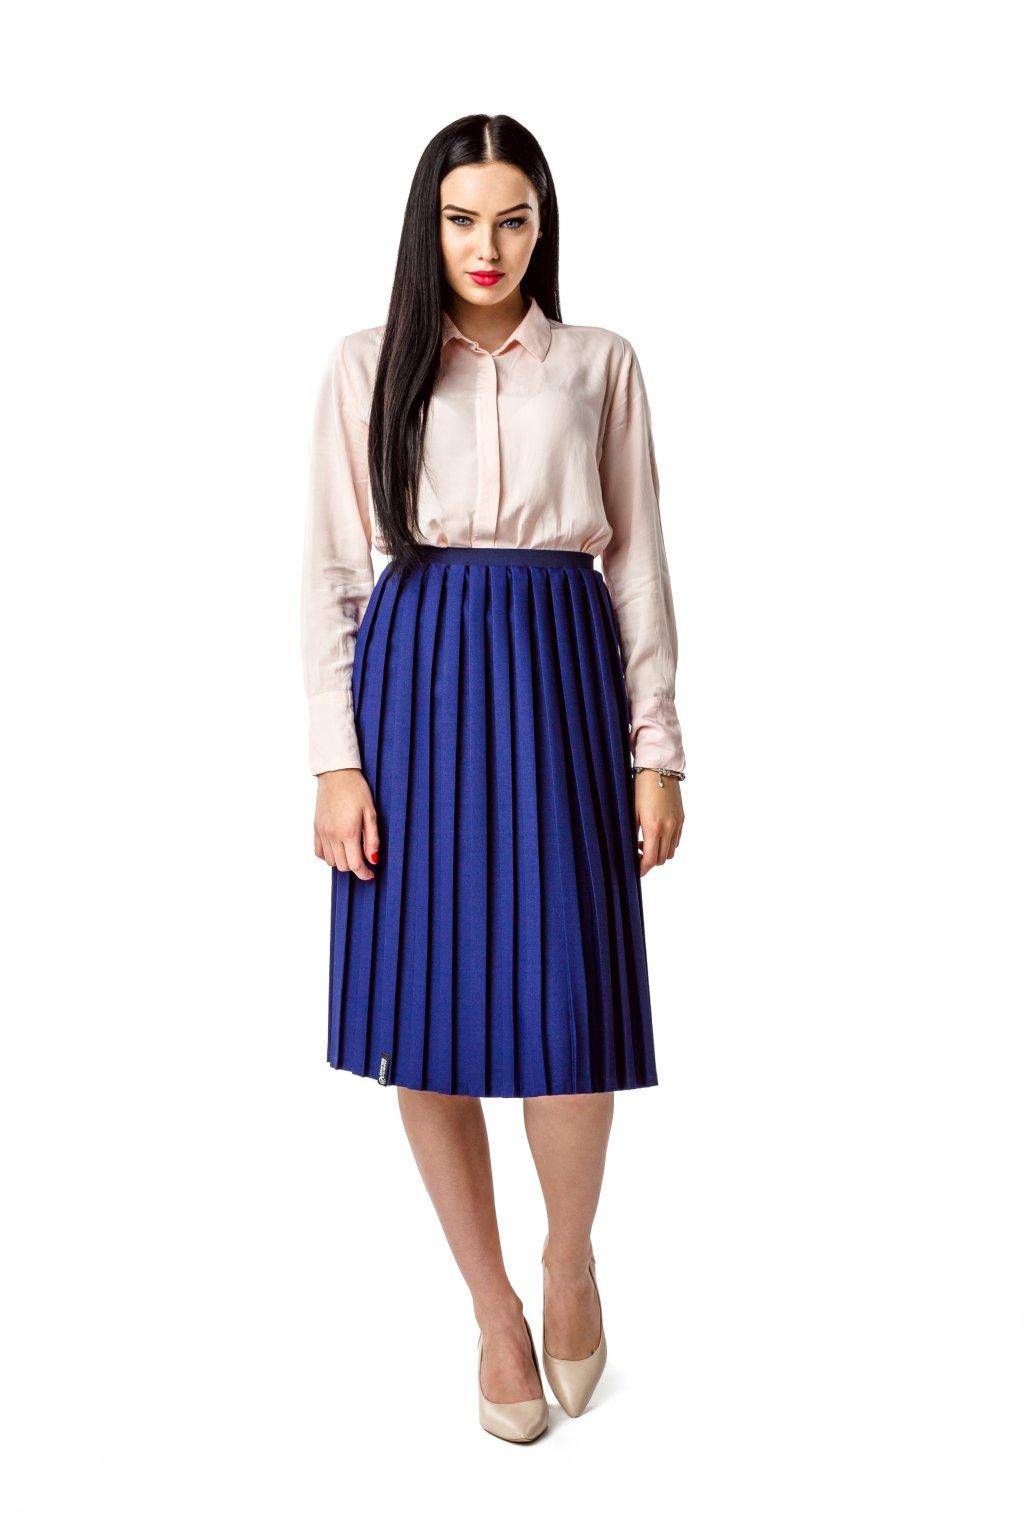 plisovaná sukňa, ručne plisovaná sukňa, plisovaná sukňa jankiv siblings, sukňa jankiv siblings, midi plisovaná sukňa, midi sukňa, biznis plisovaná sukňa, casual plisovná sukňa, biznis sukňa, casual sukňa, pleated skirt, skirt, business skirt, casual skirt